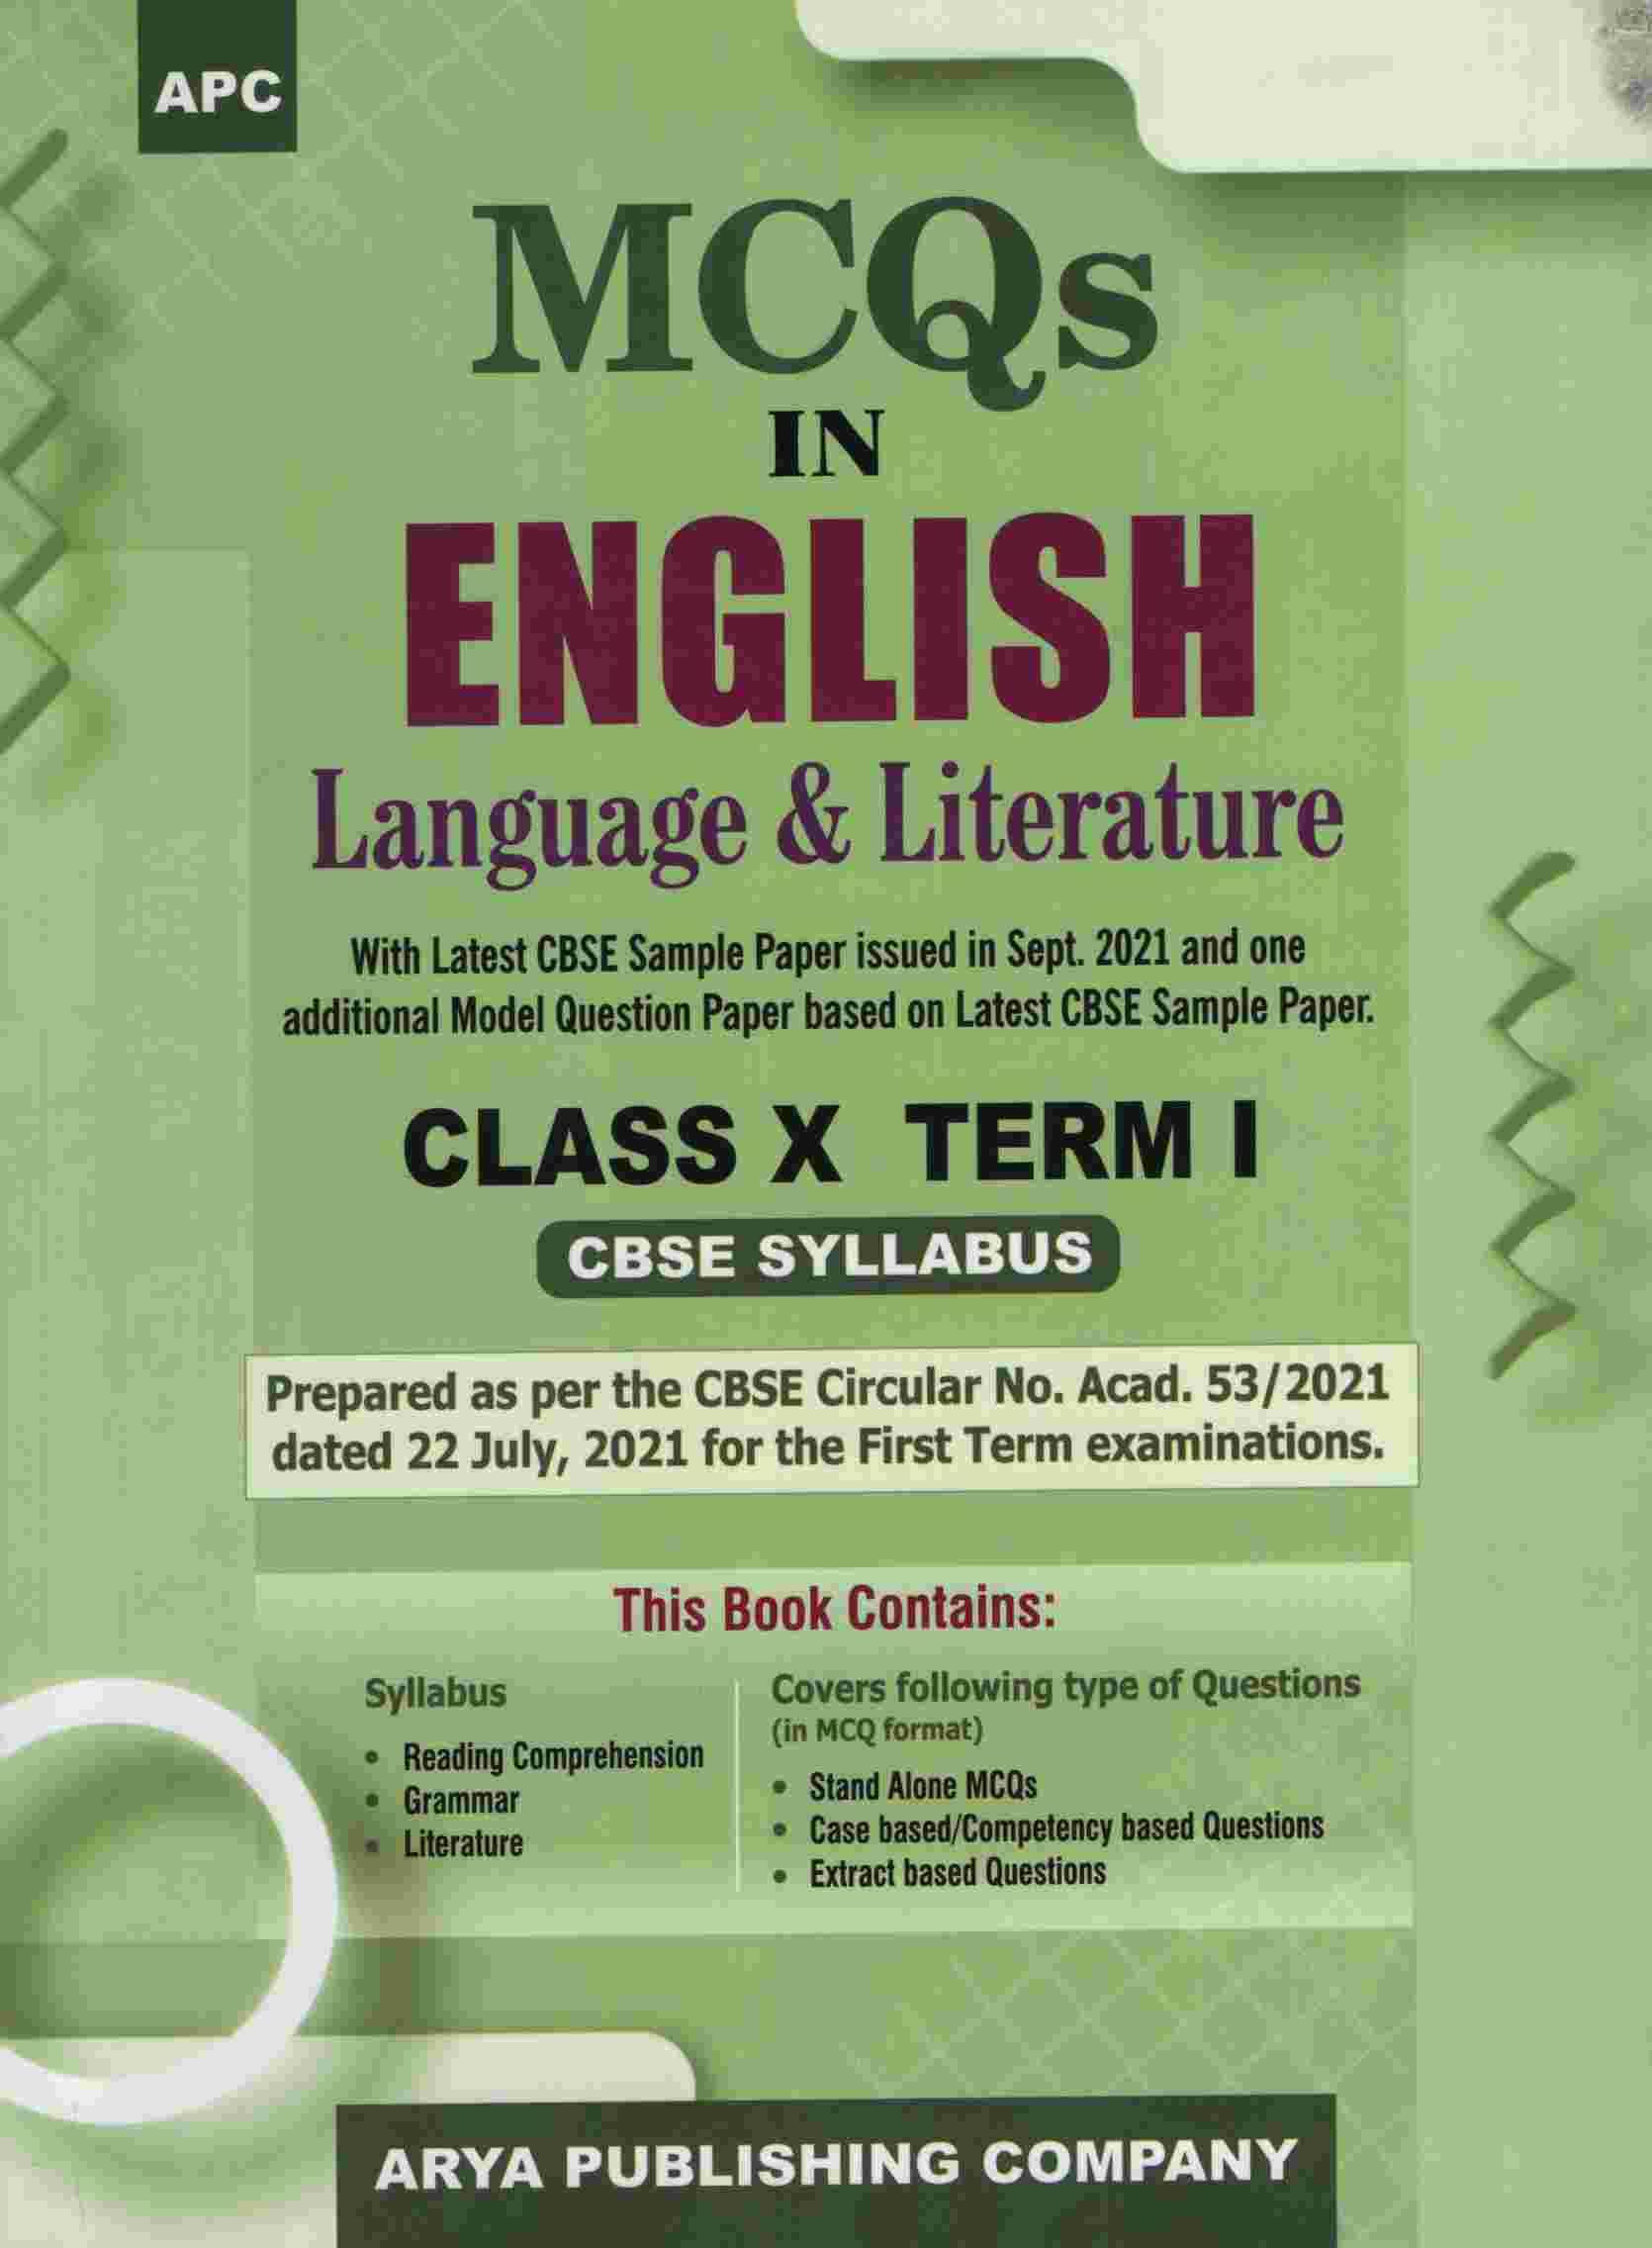 MCQS IN ENGLISH LANUAGE & LITERATURE CLASS 10 TERM I